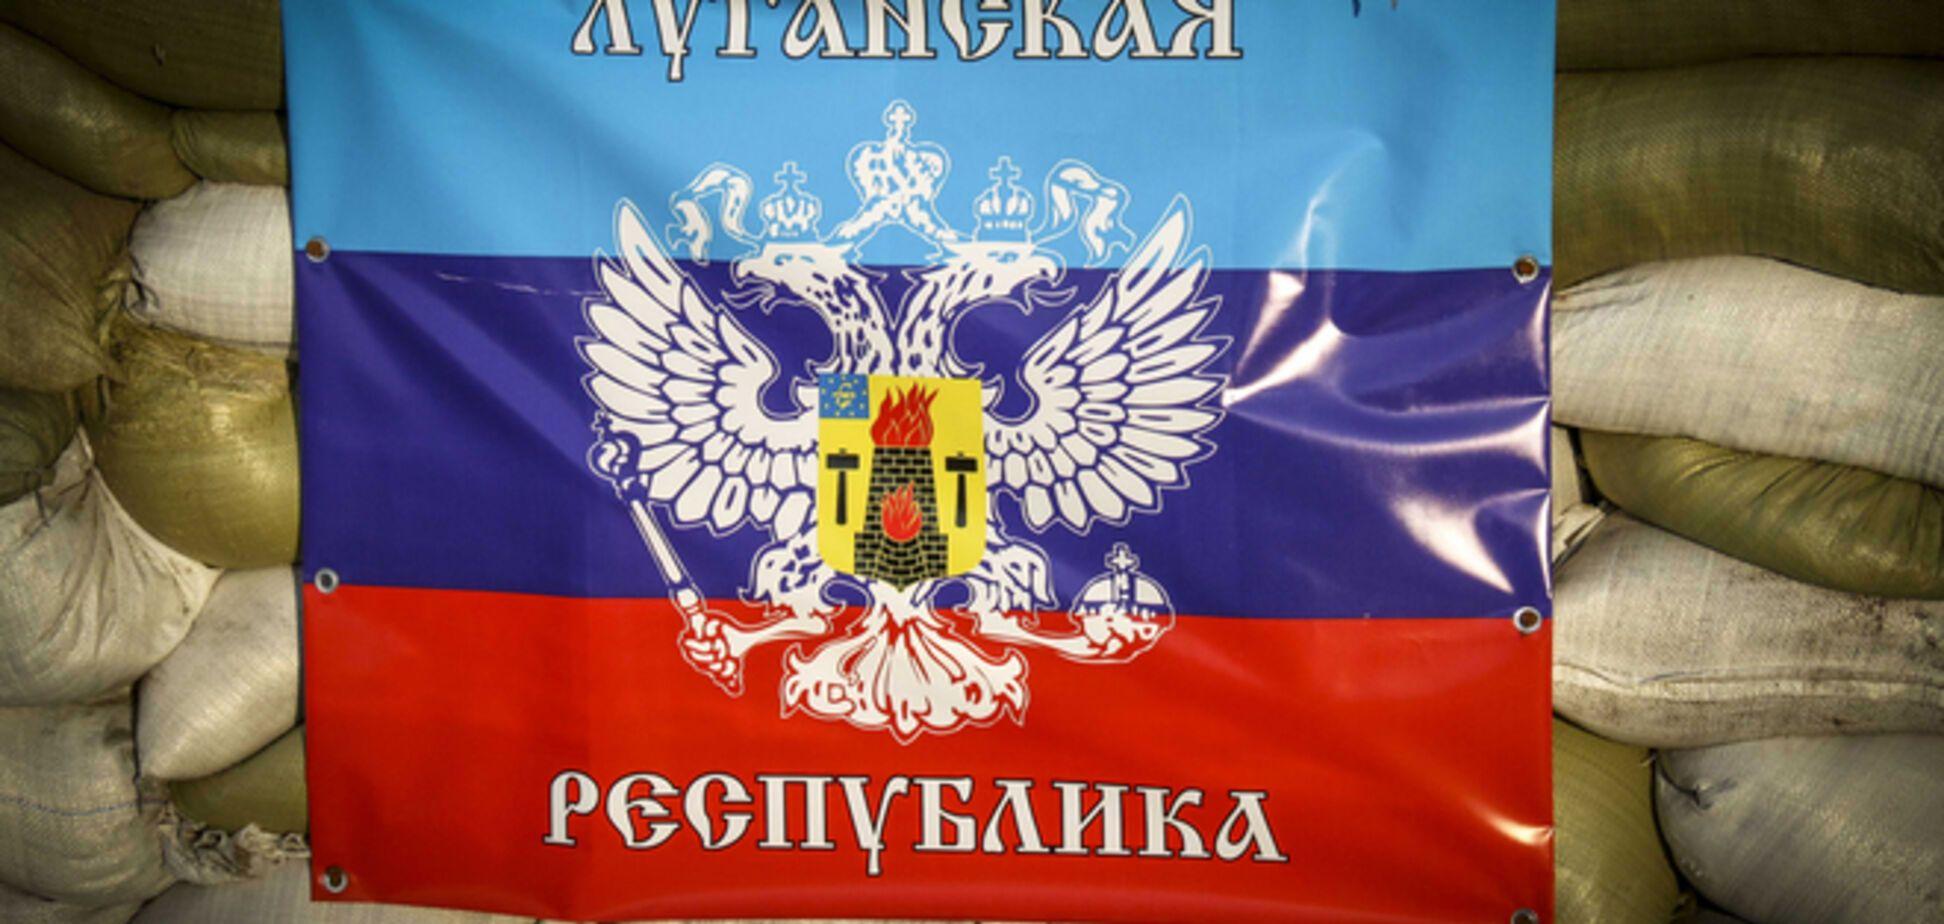 Россиянин о причине вступления в 'ЛНР': не мы к ним, а они к нам пришли нас убивать